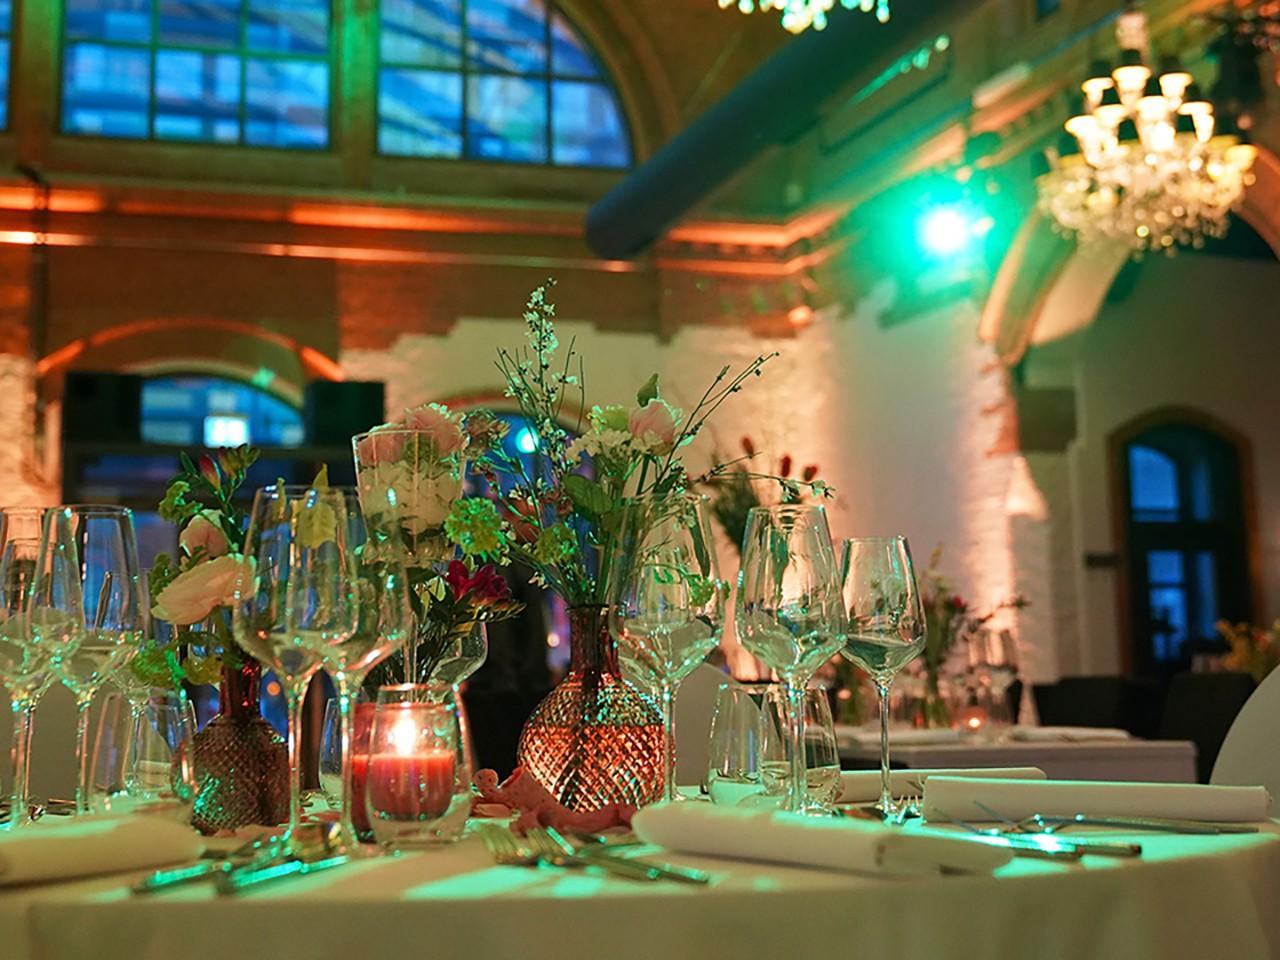 wartehalle-berlin_dinner01_1280x960px